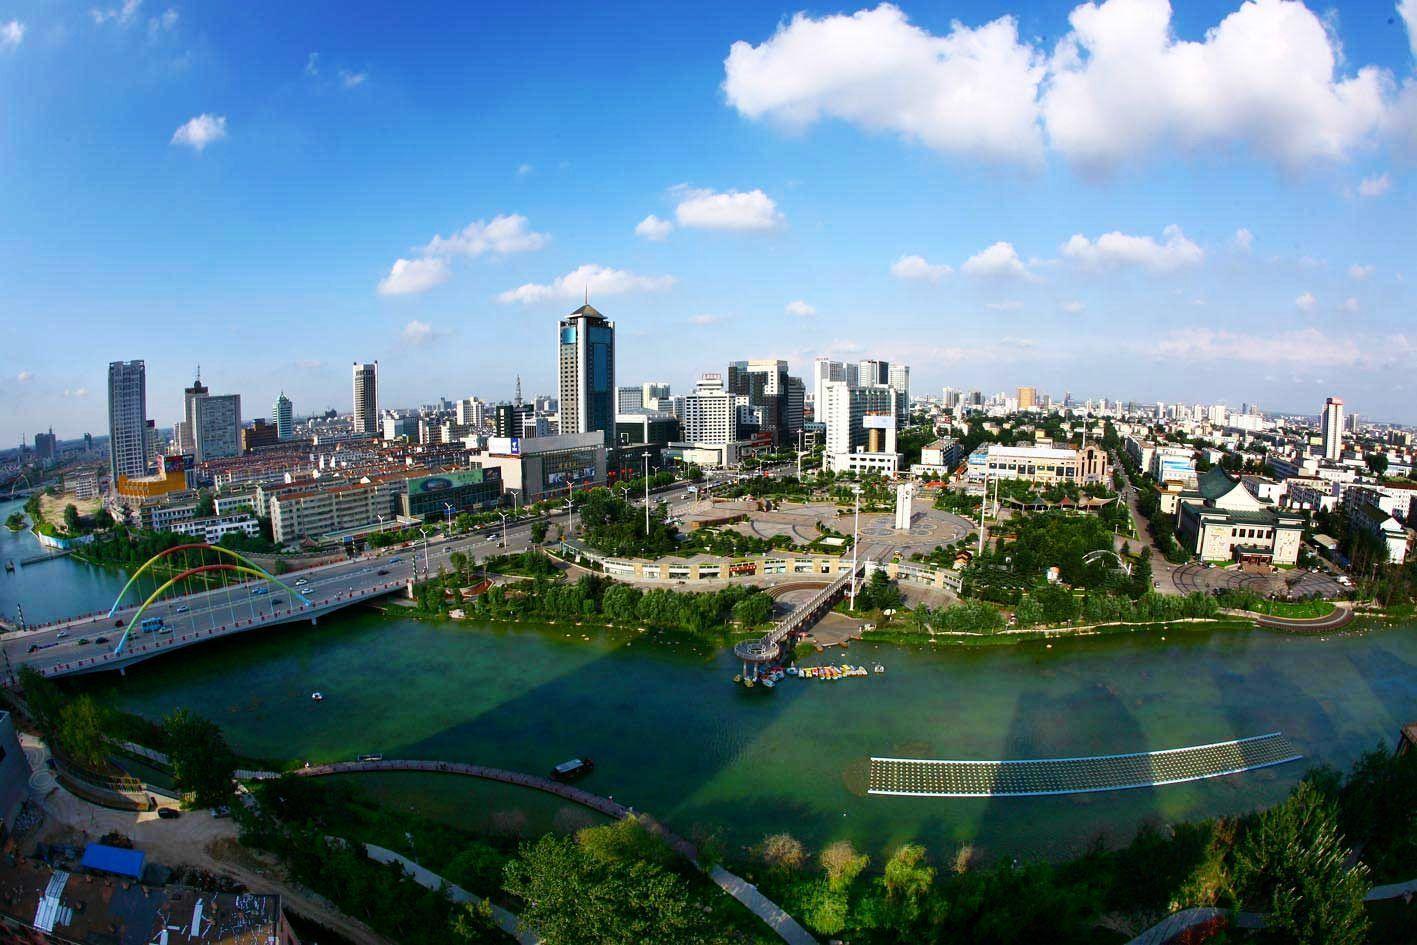 """山东继济南之后,又一座城市将要""""起飞"""",不是烟台也不是临沂"""